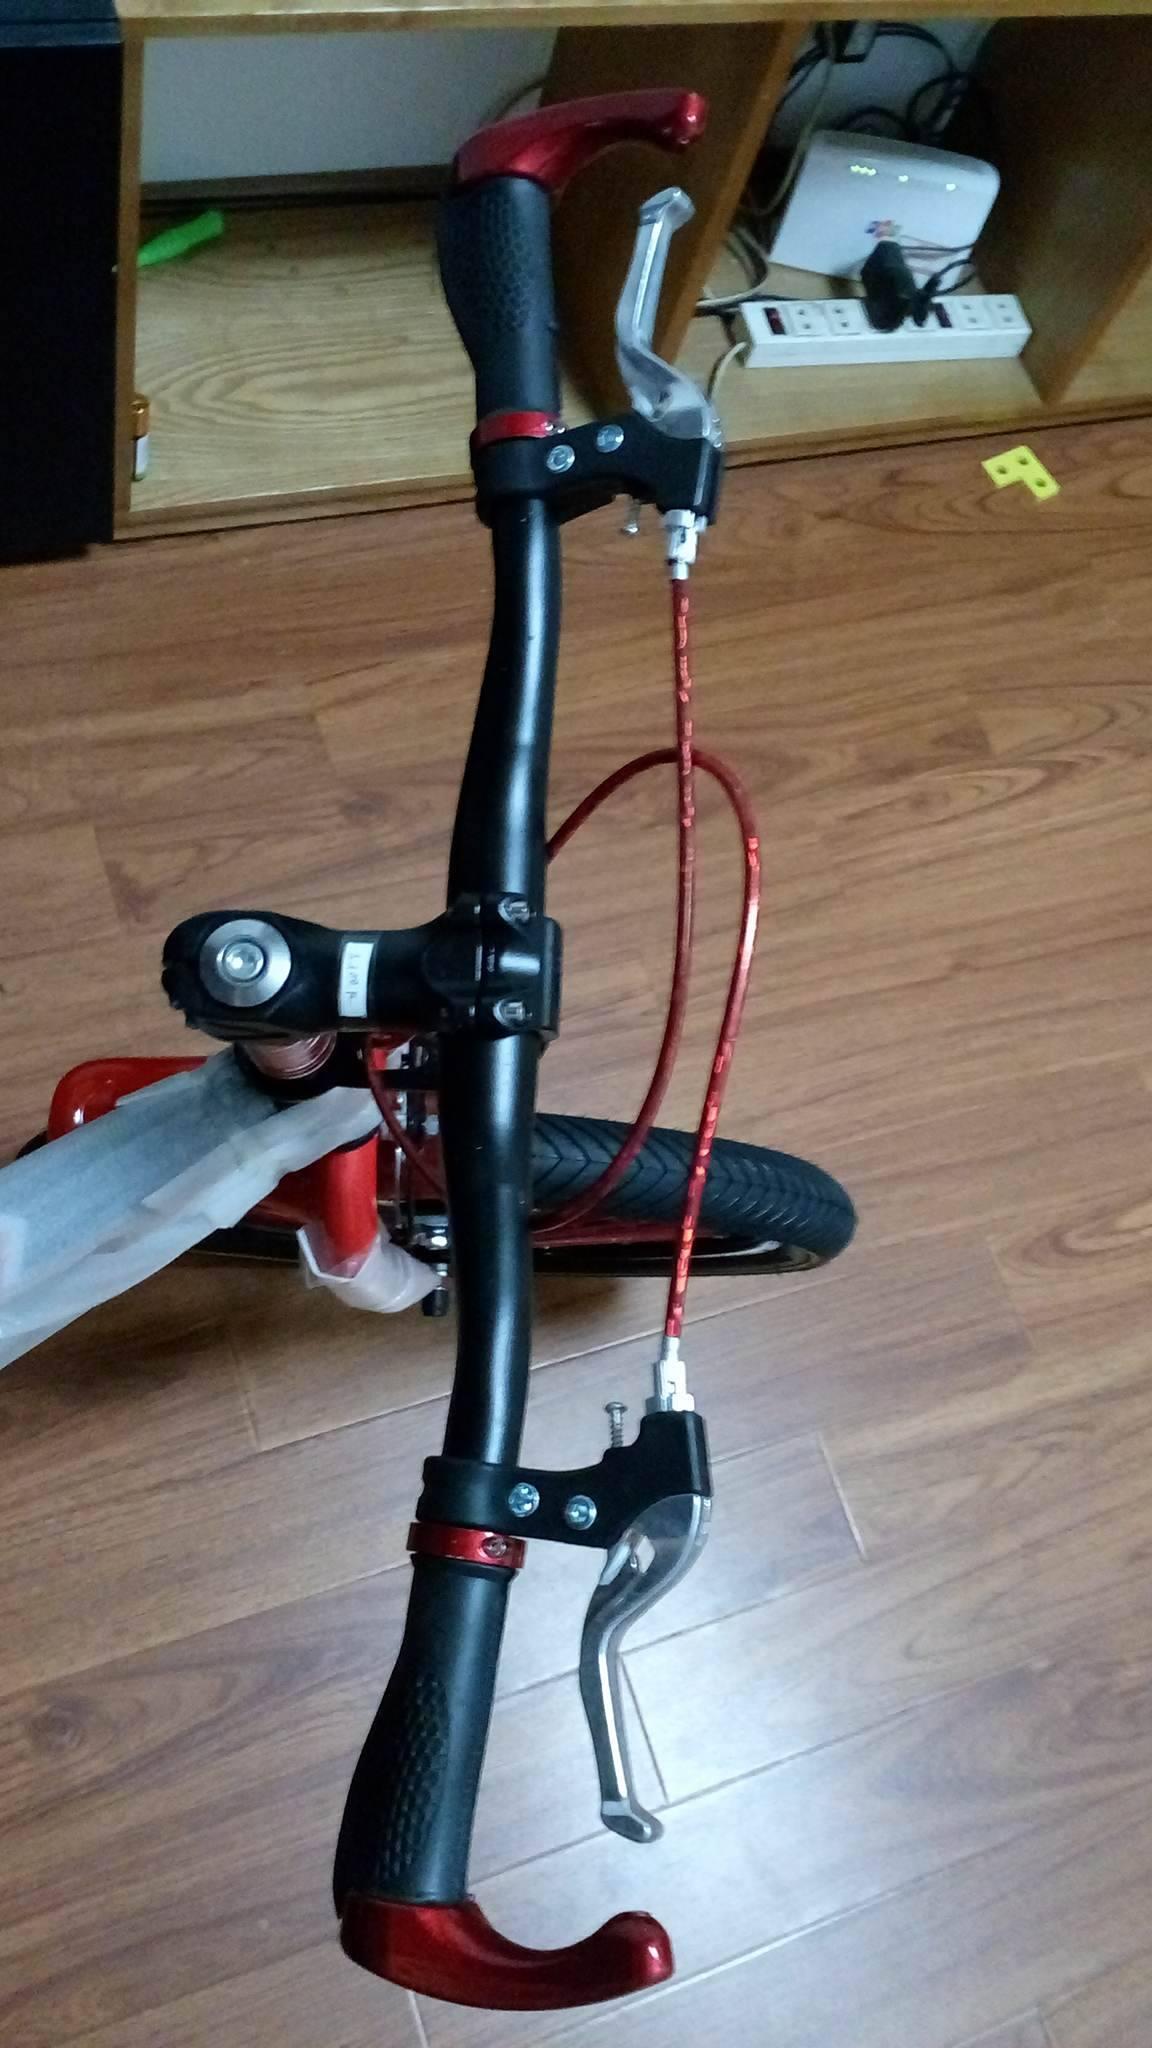 Xe đạp trẻ em cho bé 6, 7, 8, 9, 10, 11, 12 tuổi màu đỏ cỡ 20 Xiaoaming tay lái chắc chắn